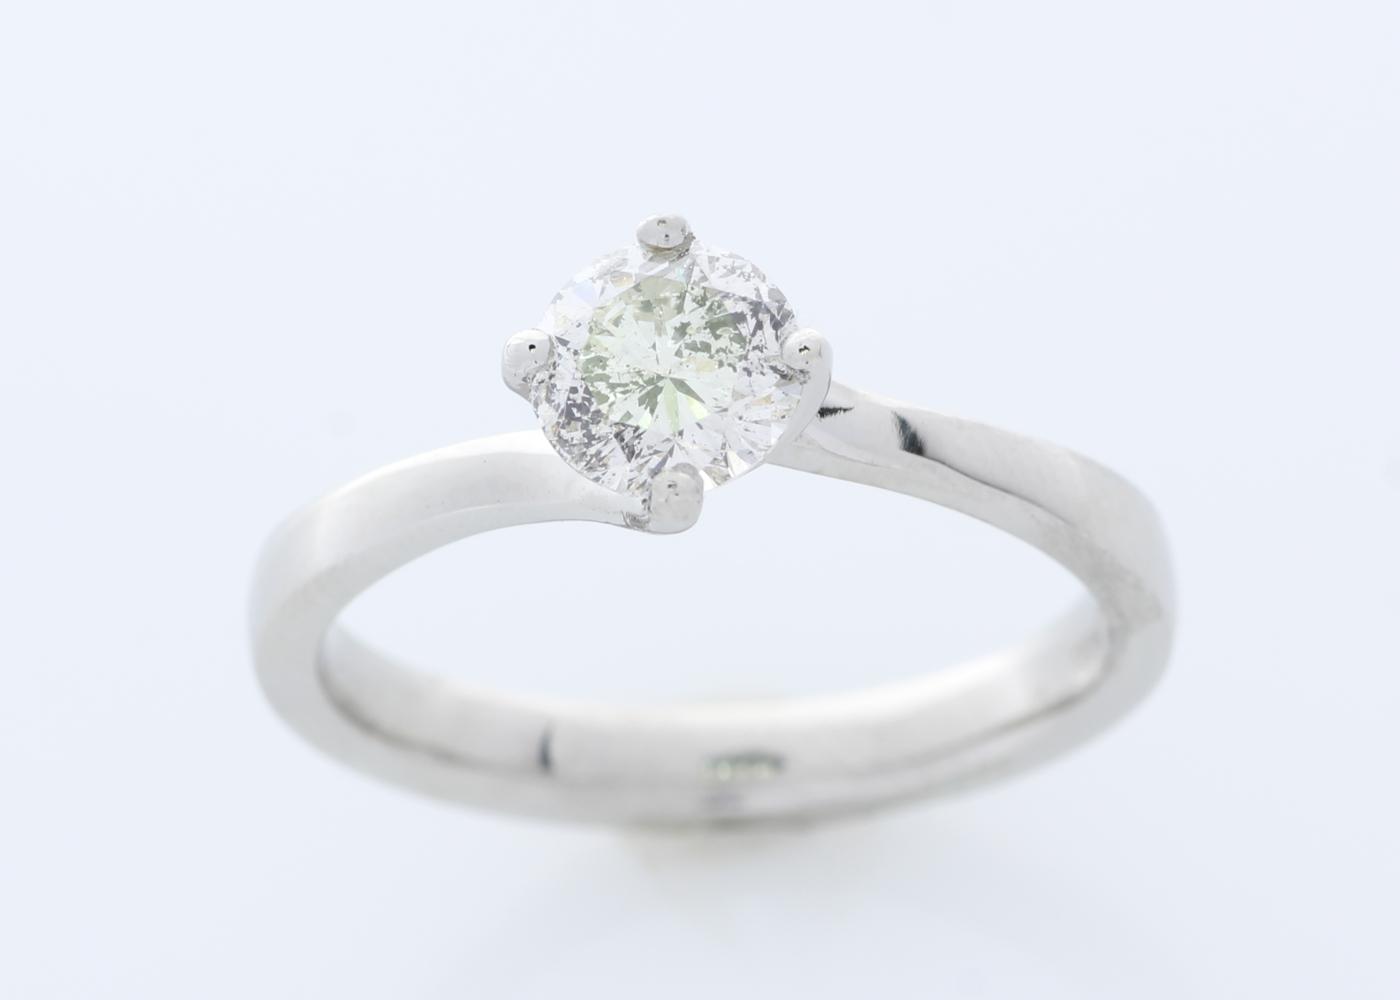 Lot 39 - Platinum Prong Set Diamond Ring 0.68 Carats